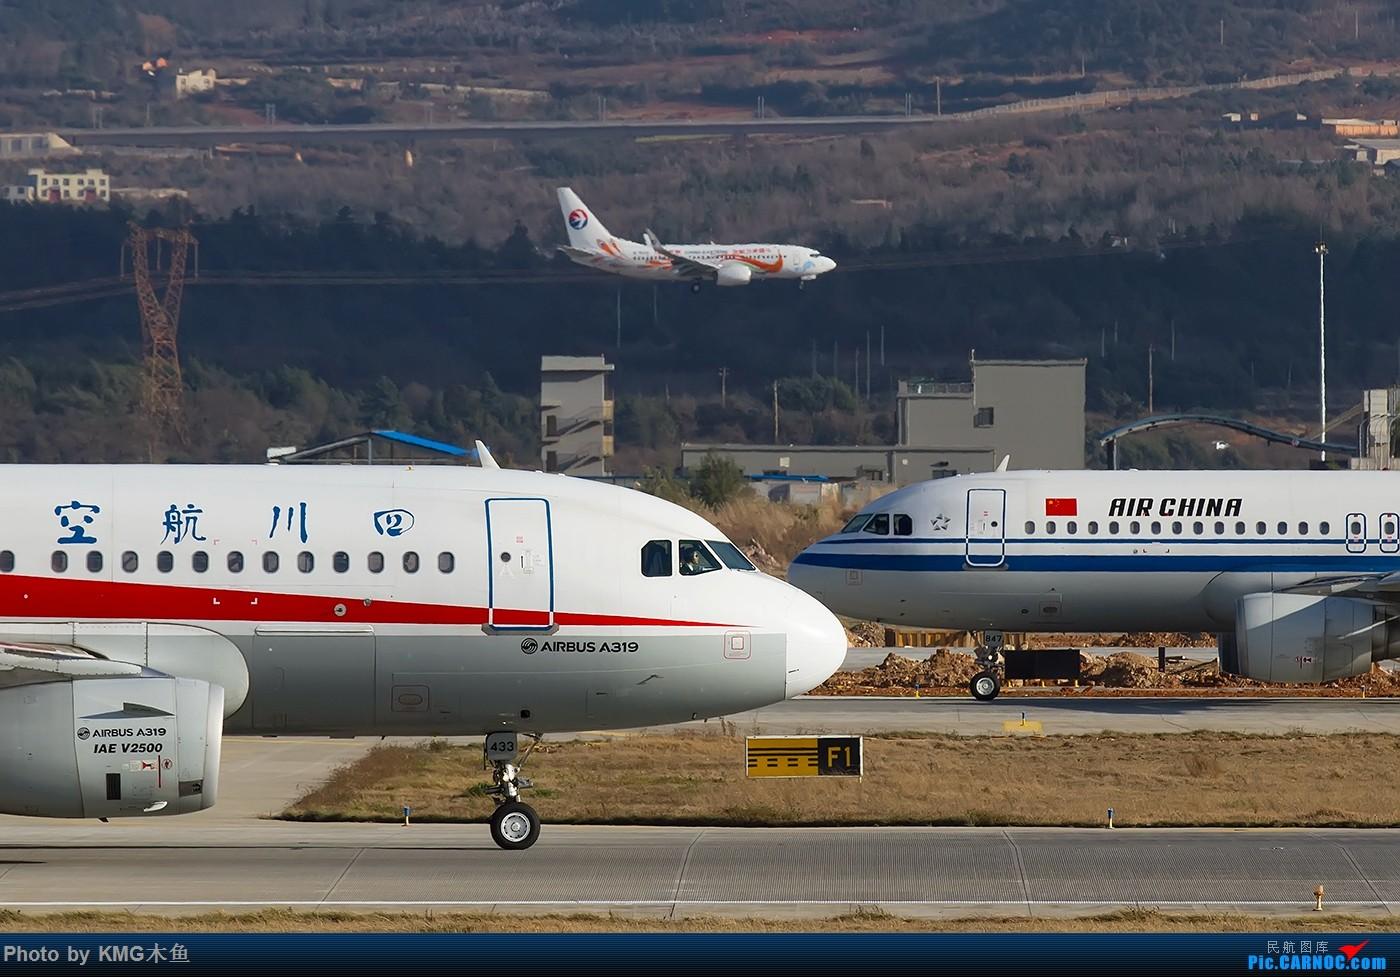 Re:[原创]【KMG】【昆明飞友会-KMG木鱼】2016年一月的周末从白天拍到天黑,临走时还来了一架波音777 AIRBUS A319-100 B-6433 中国昆明长水国际机场